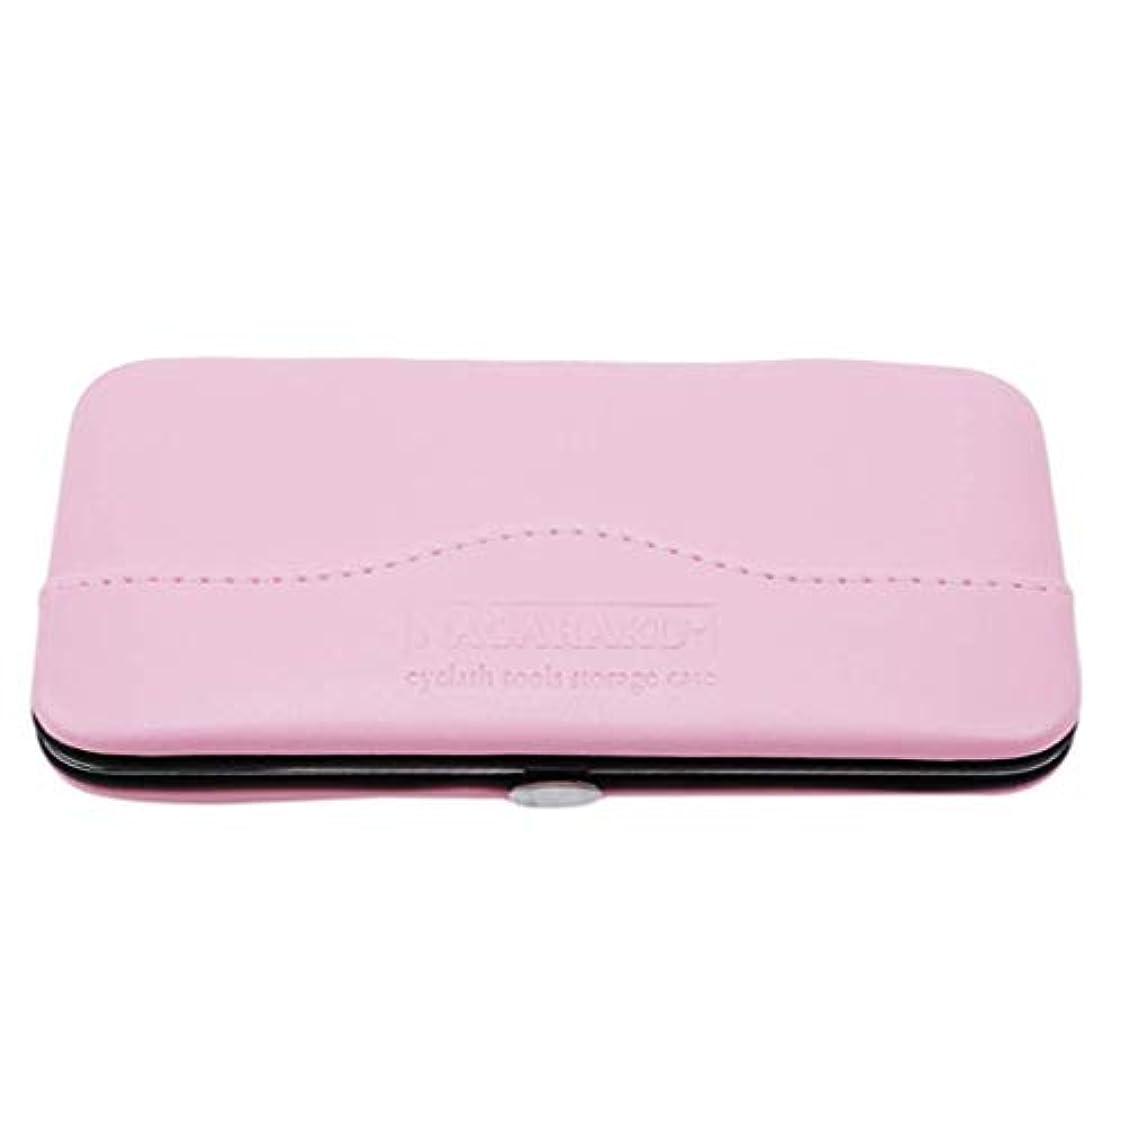 ネーピアバック希望に満ちた1st market プレミアム品質1ピース化粧道具バッグ用まつげエクステンションピンセット収納ボックスケース